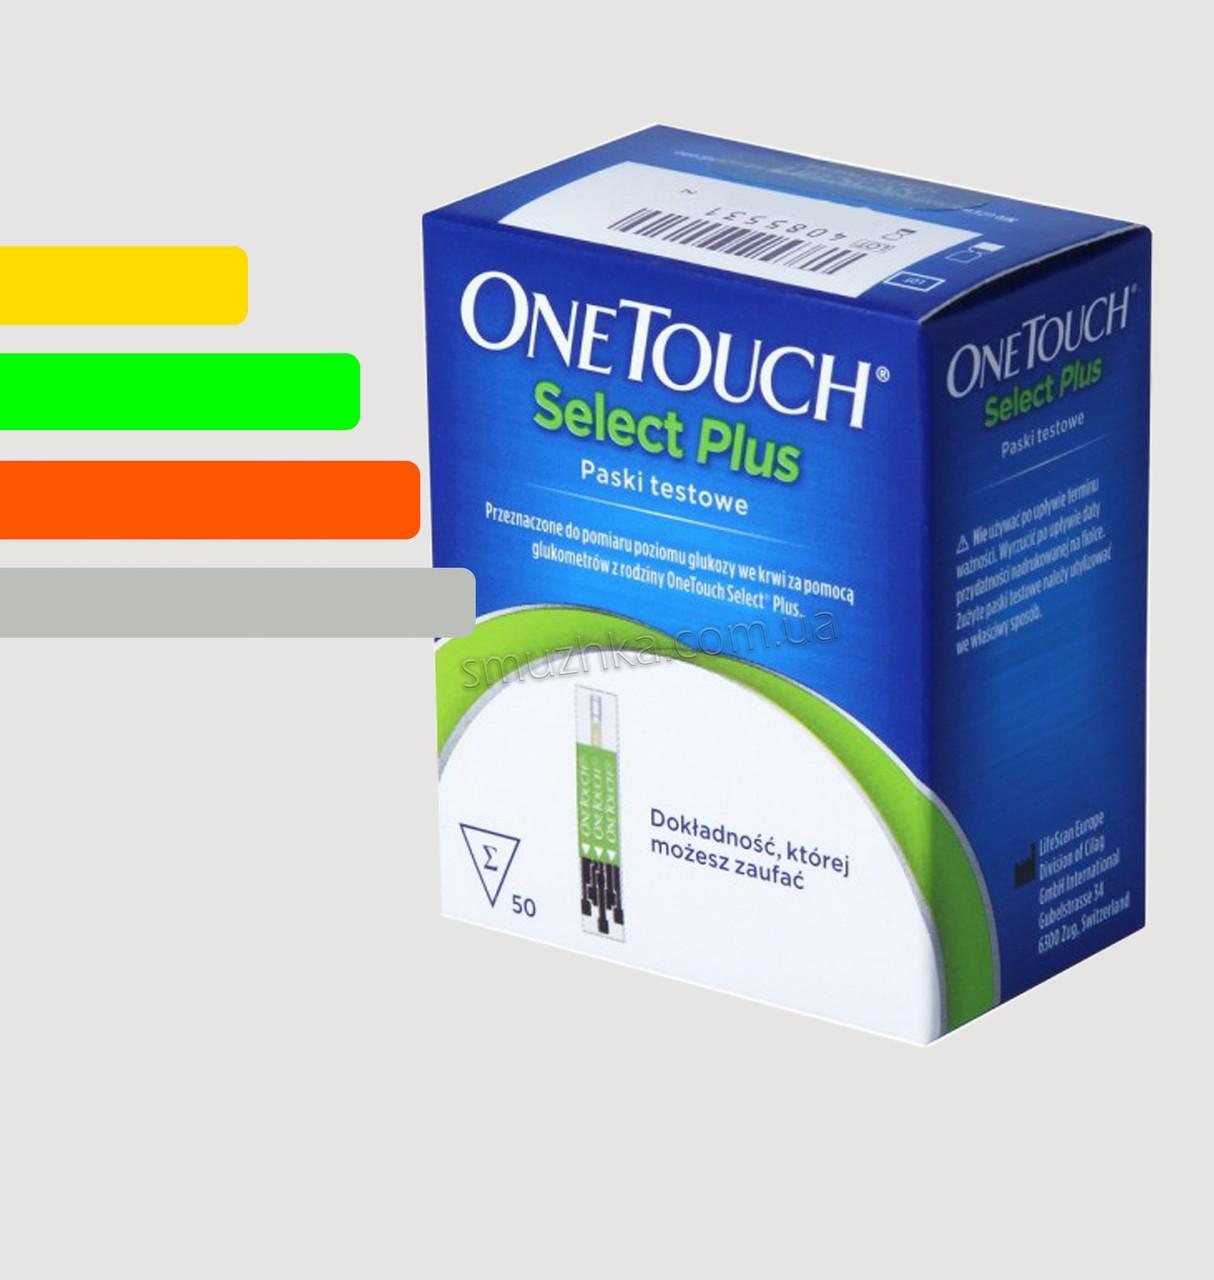 Тест-полоски Ван Тач Селект ПЛЮС 50 шт. - One Touch Select PLUS #50